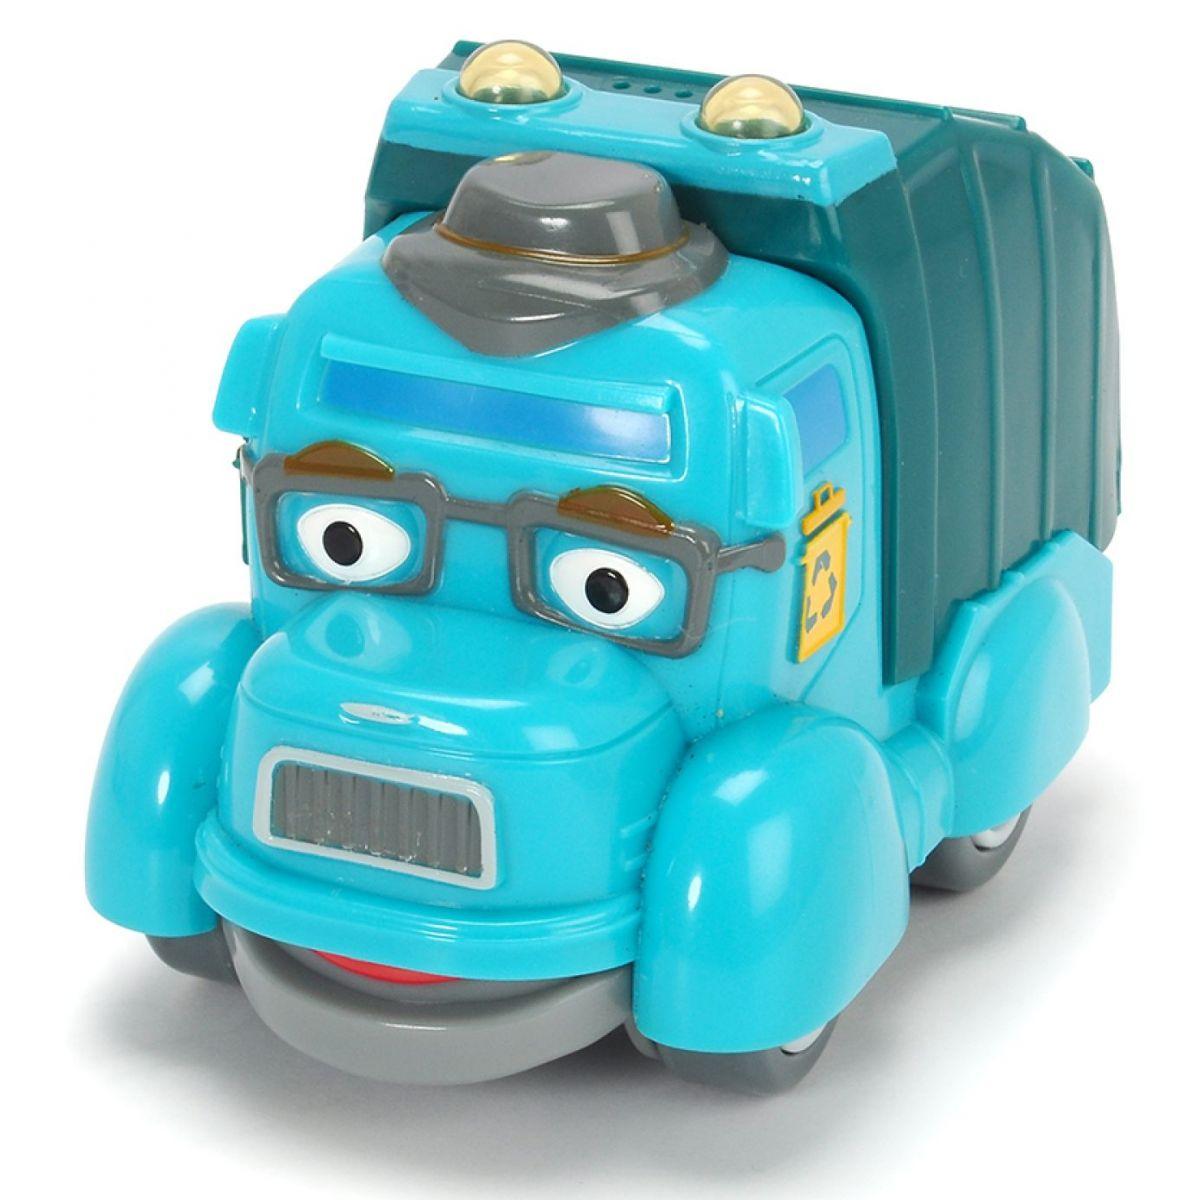 Dickie Statečná autíčka Čestmír Čistič popelářské auto